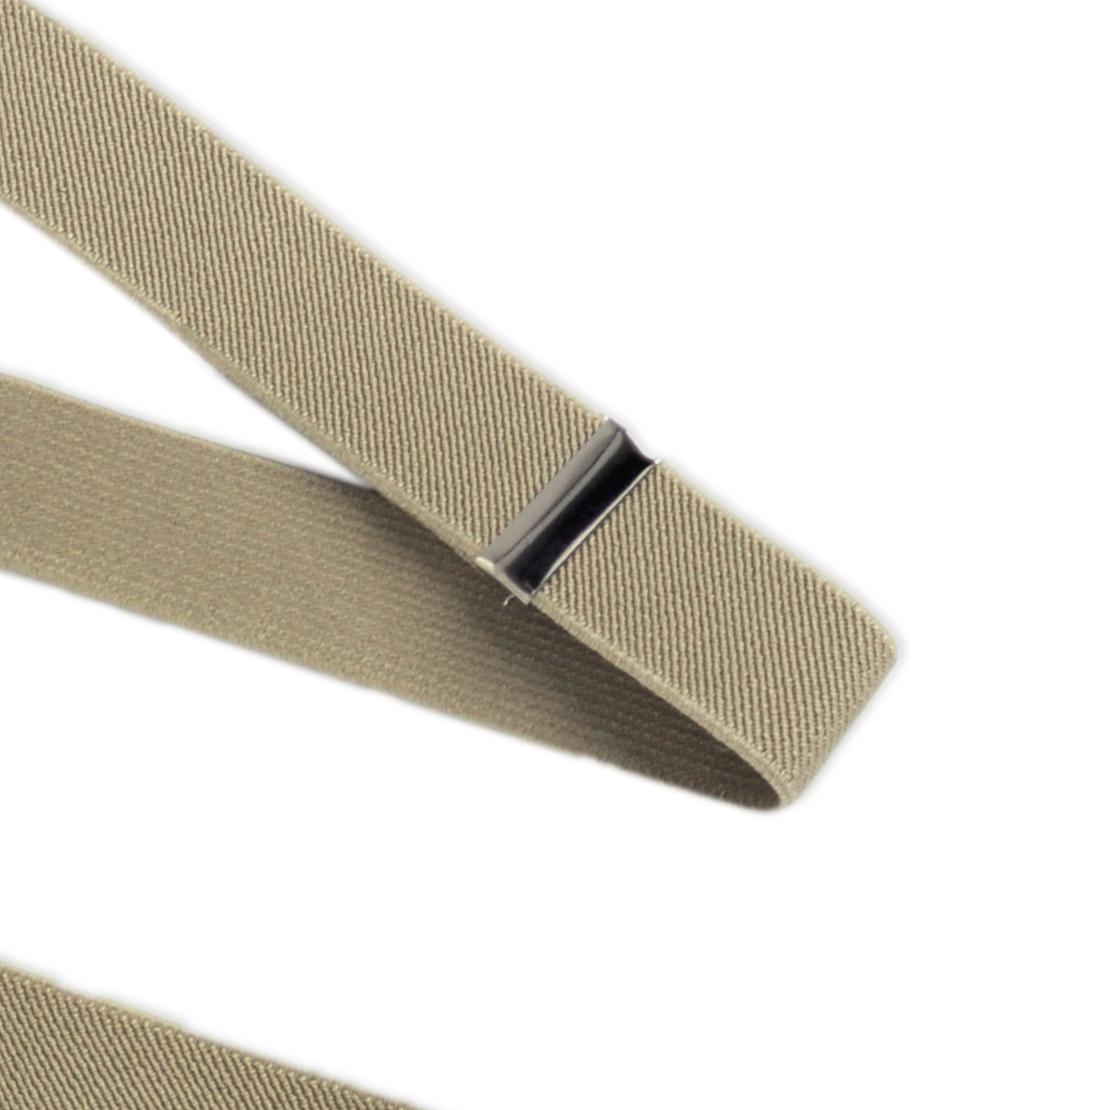 Hosenträger Knopflöcher Lederlaschen knöpfen Hose Y-Form Ledernasen einknöpfen